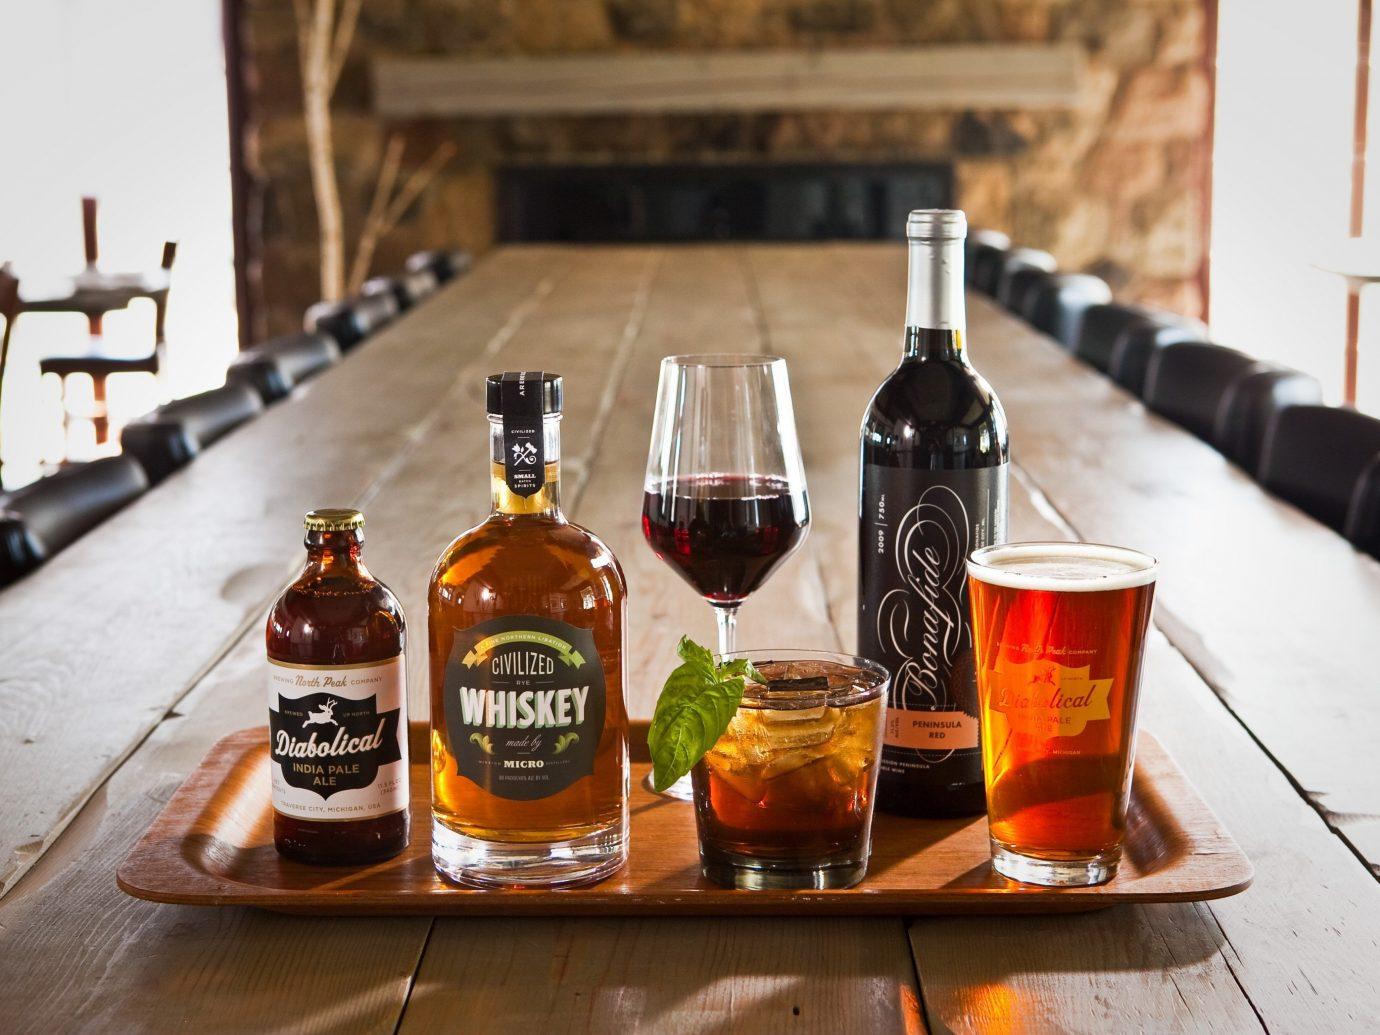 Trip Ideas bottle table alcoholic beverage beer Drink distilled beverage alcohol liqueur restaurant wine Bar counter whisky sense